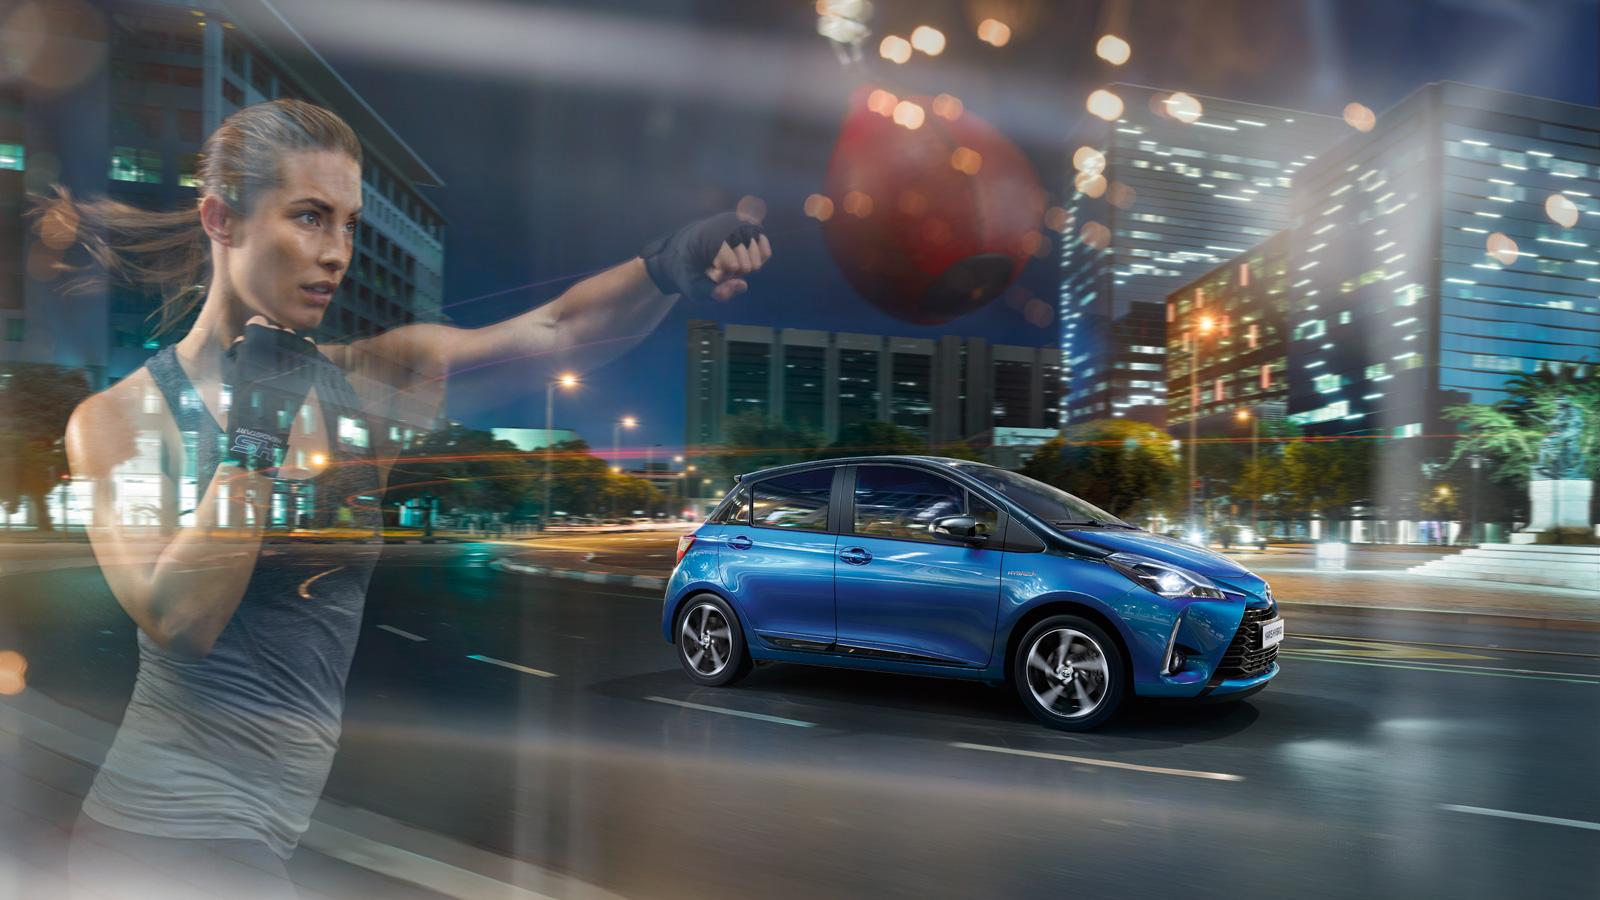 Lampen Toyota Auris : Toyota yaris dein lifestyle toyota de u ac monat